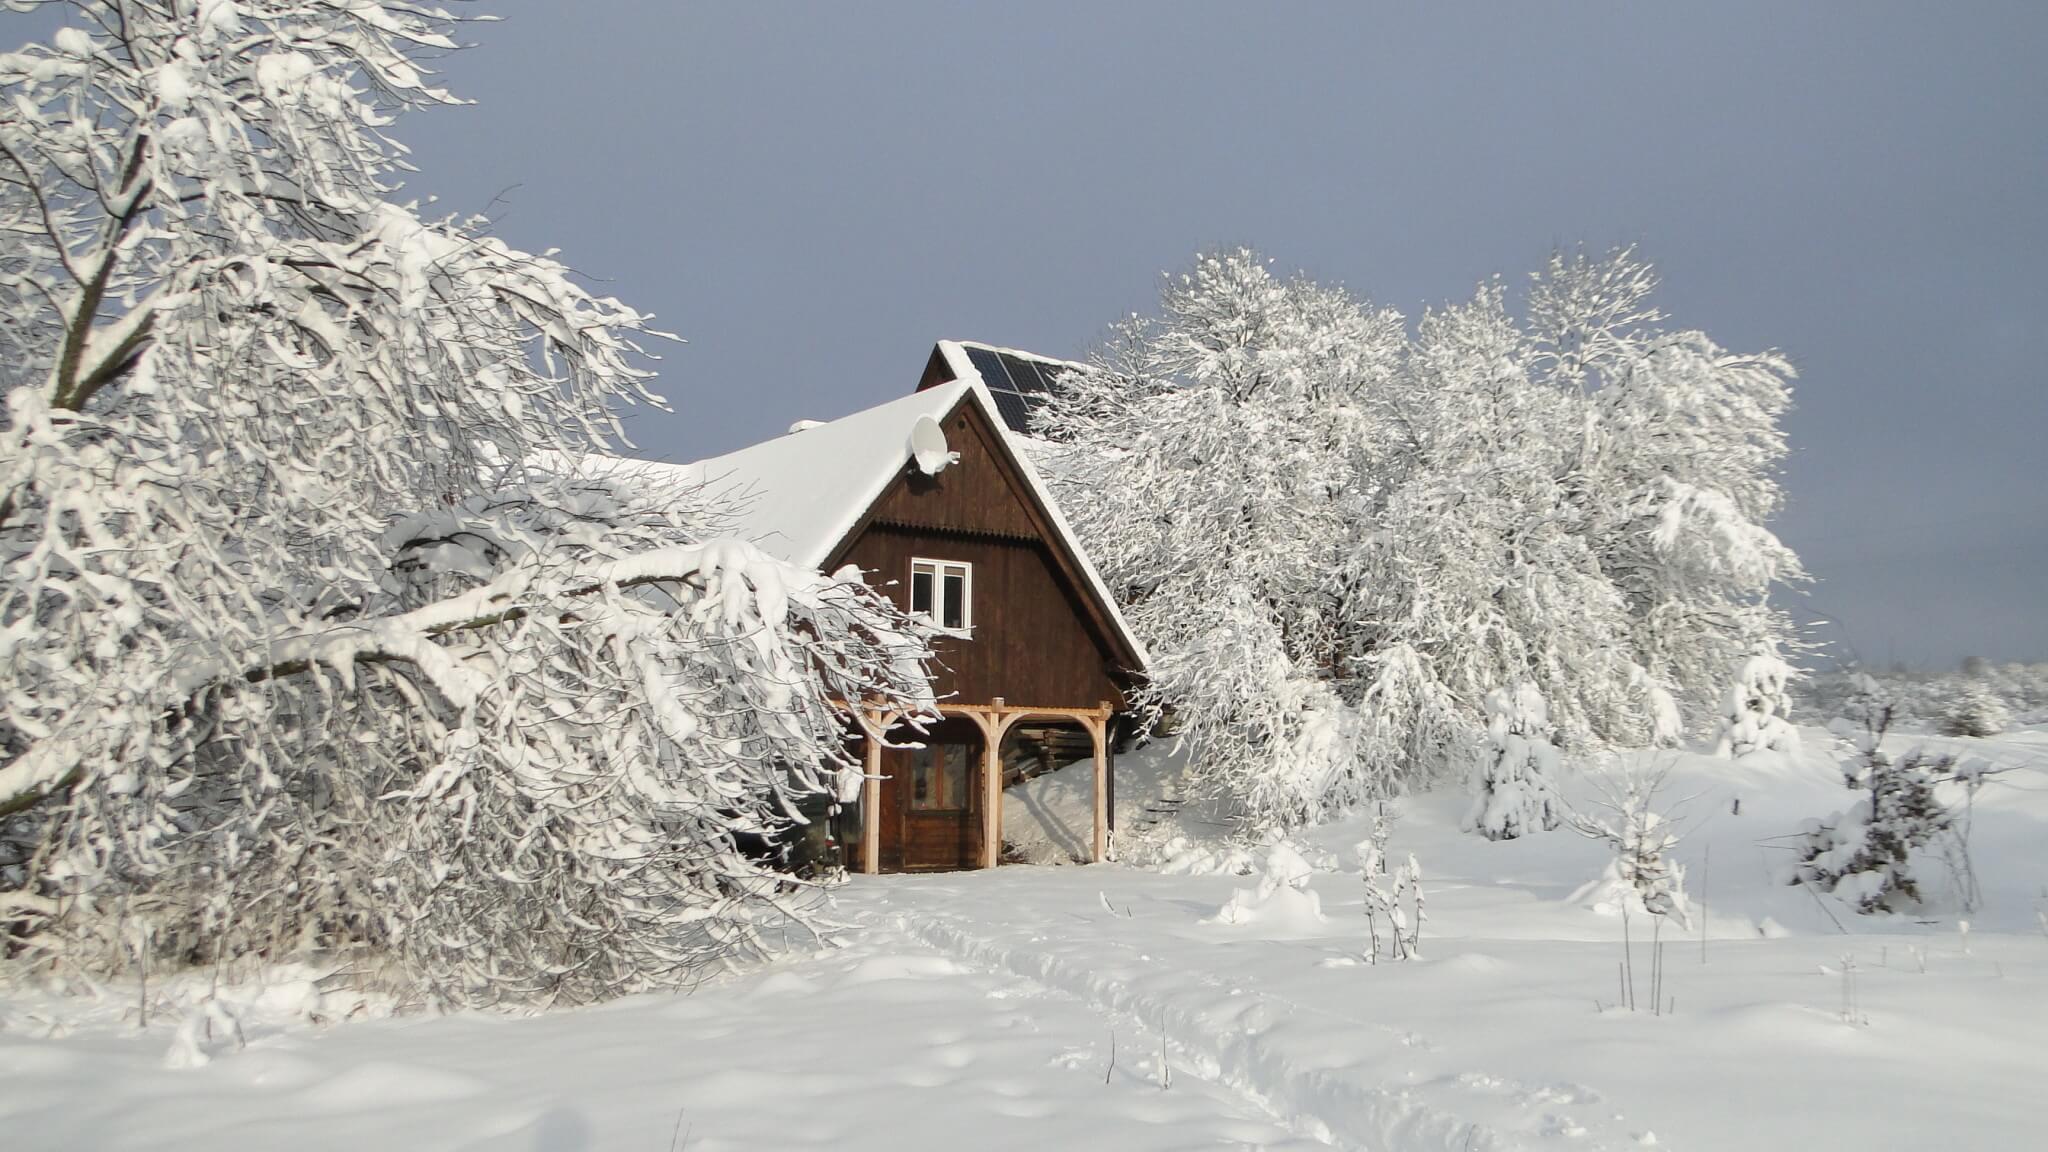 Lutowa zima - śnieżna imroźna 3